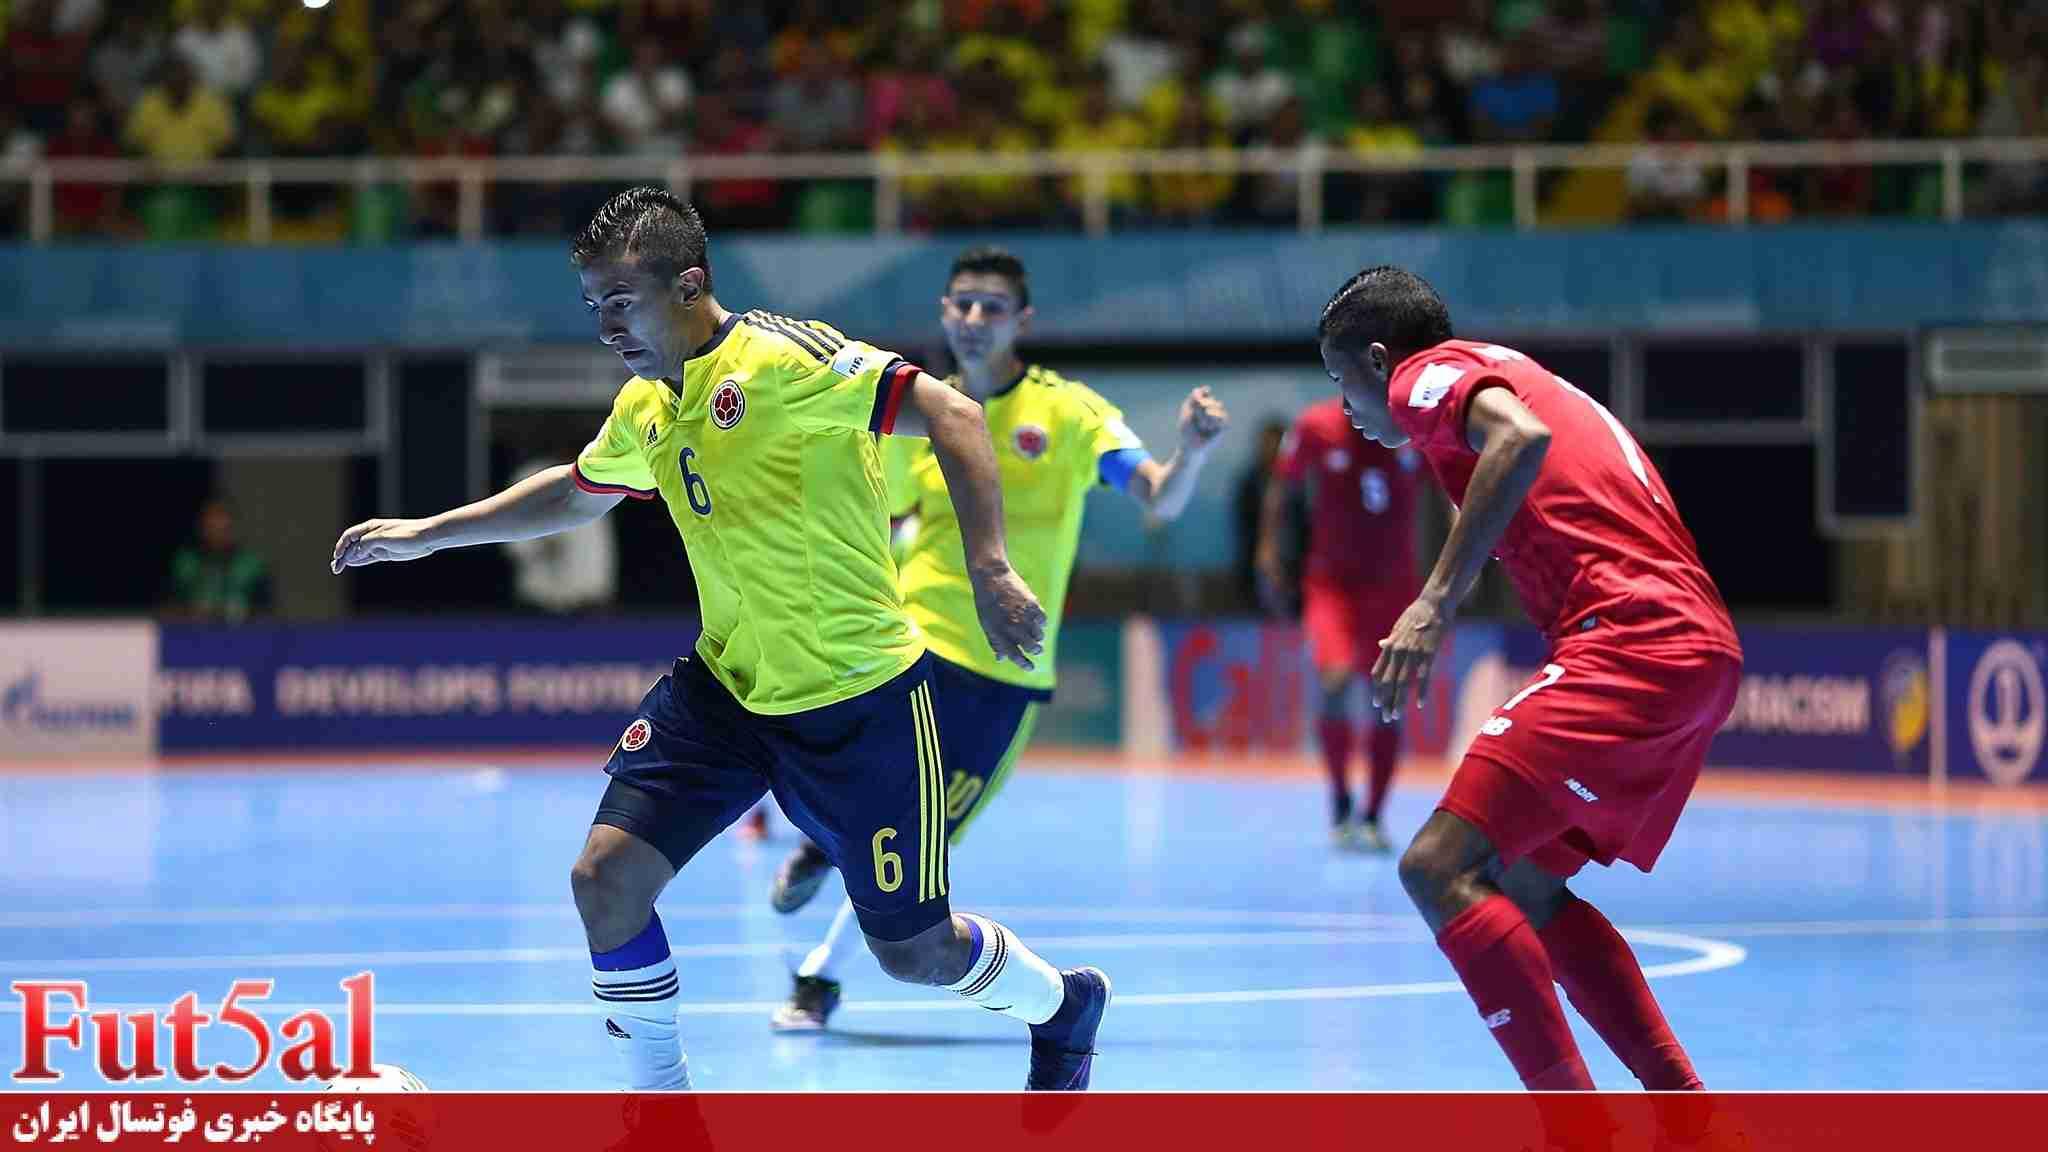 برنامه دور دوم جام جهانی کلمبیا ۲۰۱۶/مصاف سخت اروپایی ها؛کار ساده ایتالیا